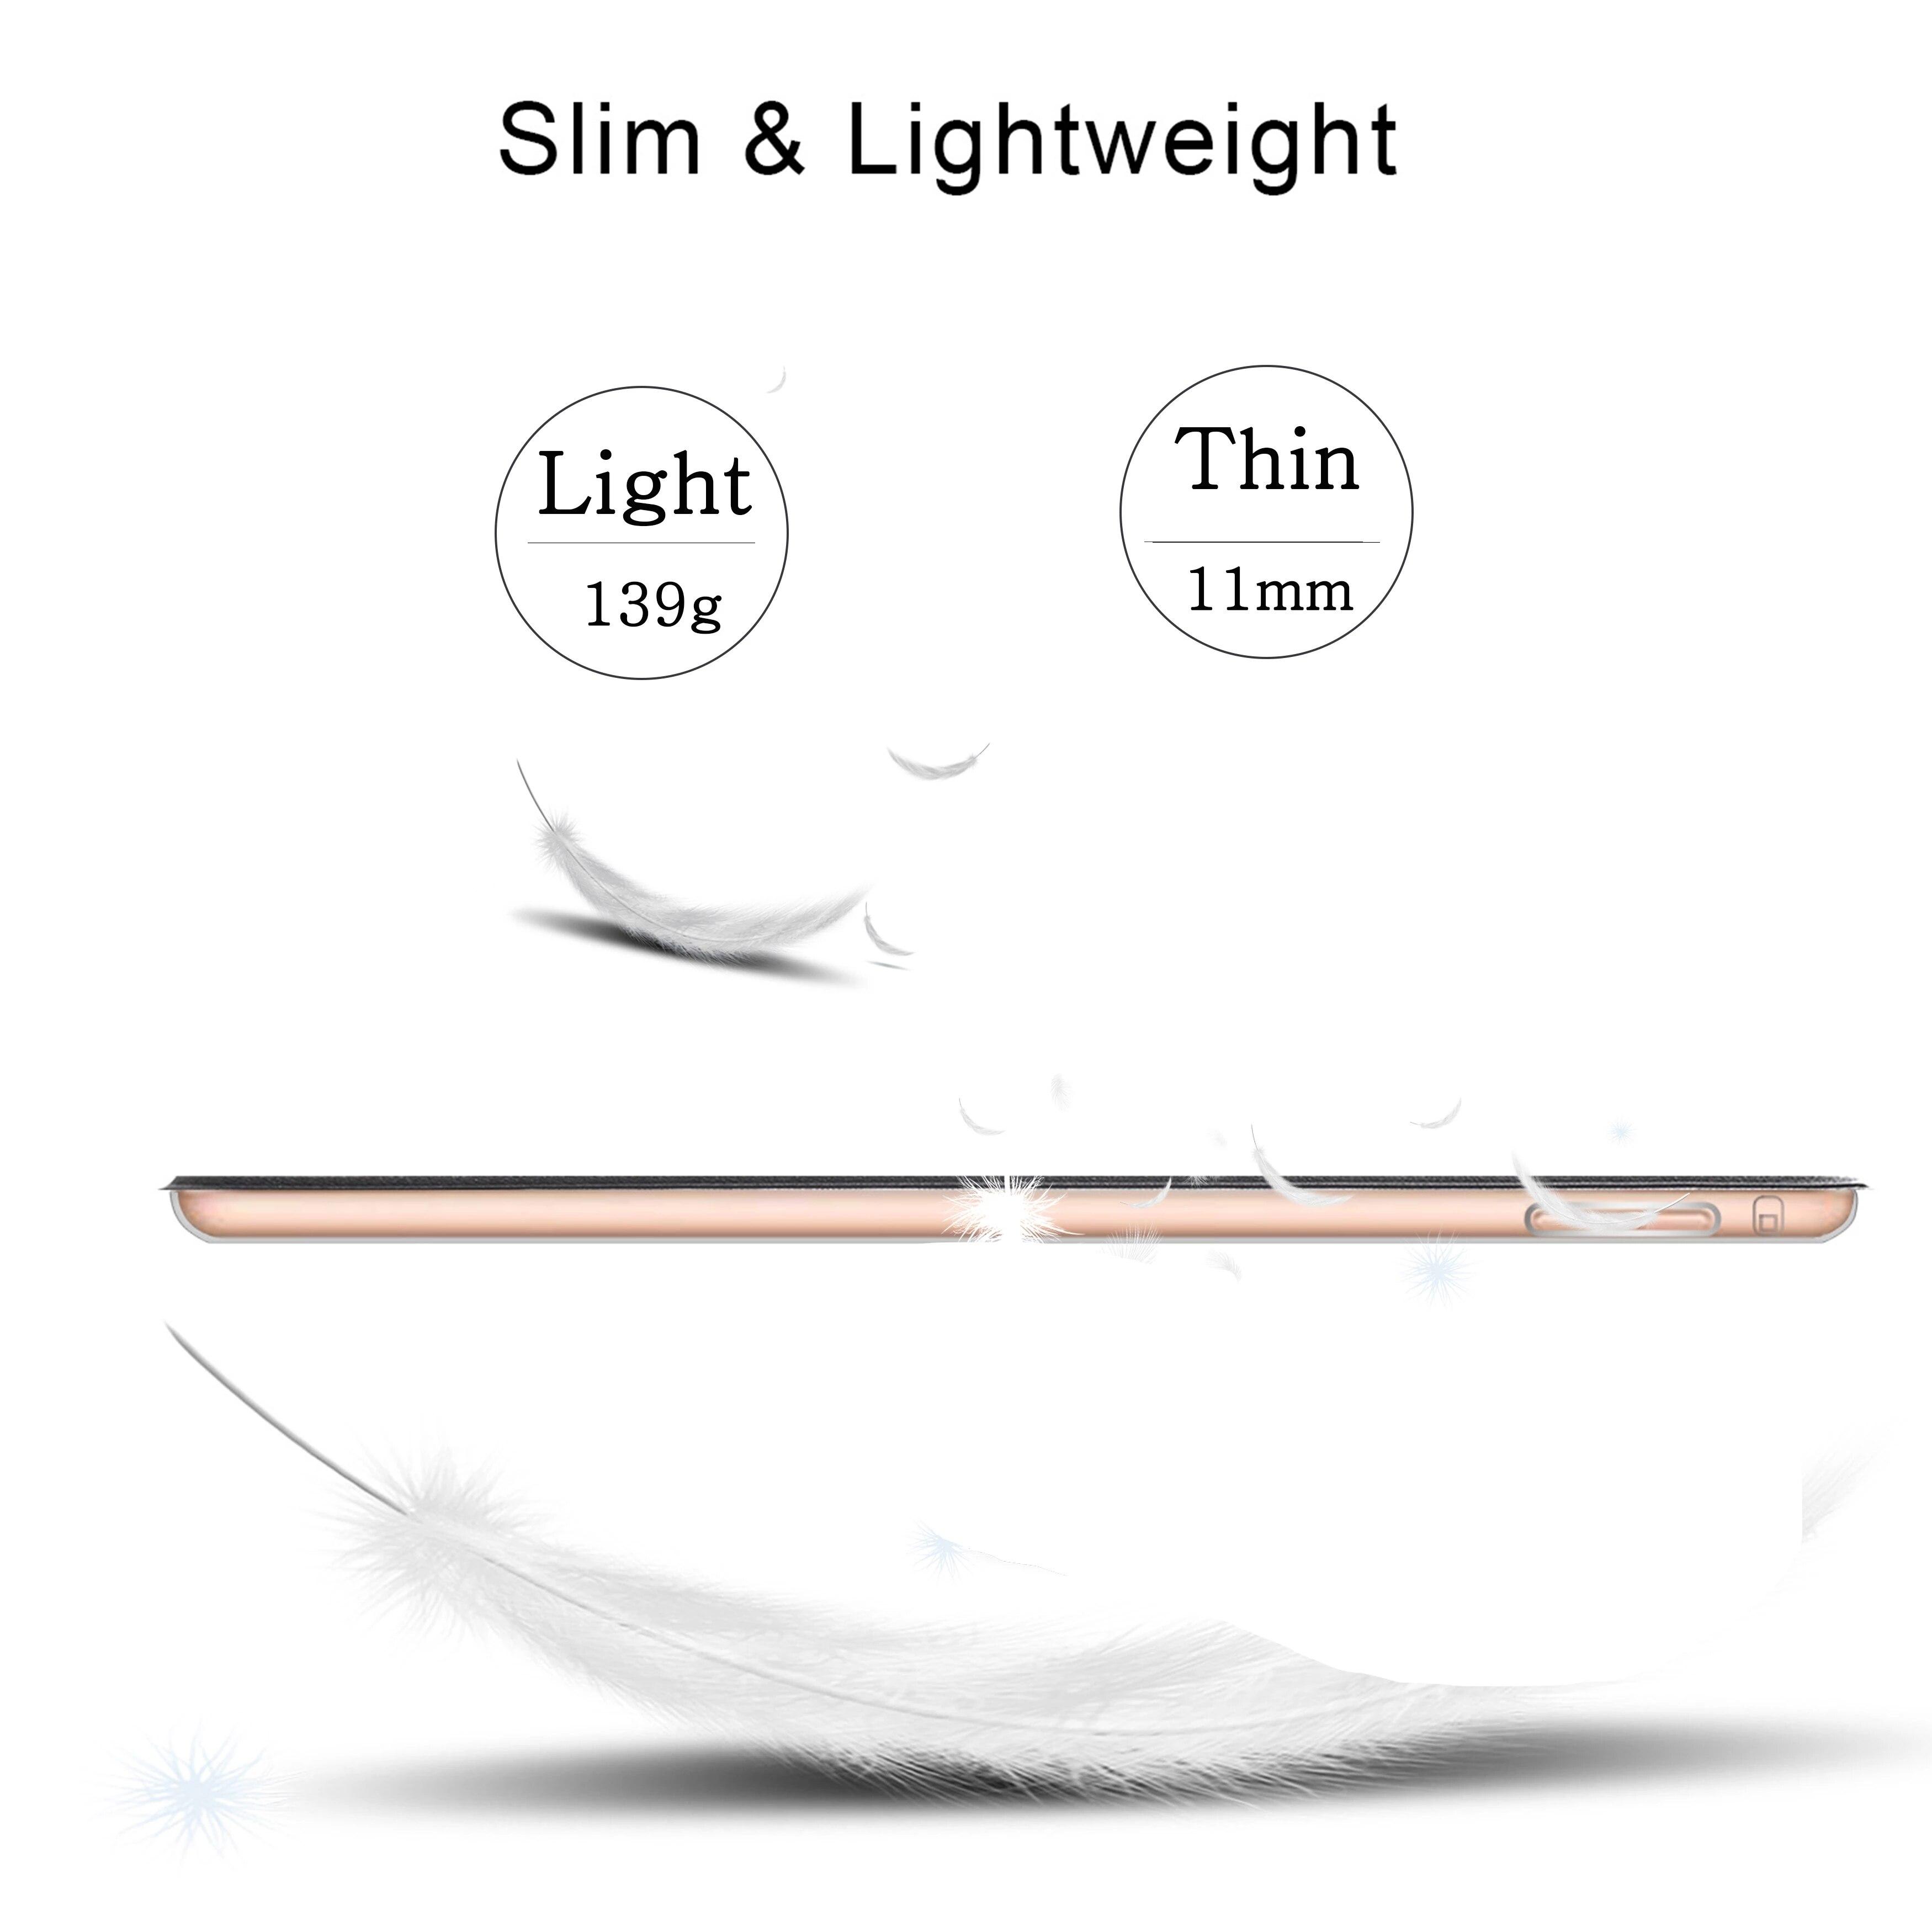 Cover for Samsung Galaxy Tab A 10.1 2019 T510 SM-T515 S5E 10.5 T720 T590 T580 T560 T290 S6 Lite 10.4 P610 Smart Tablet Case-4